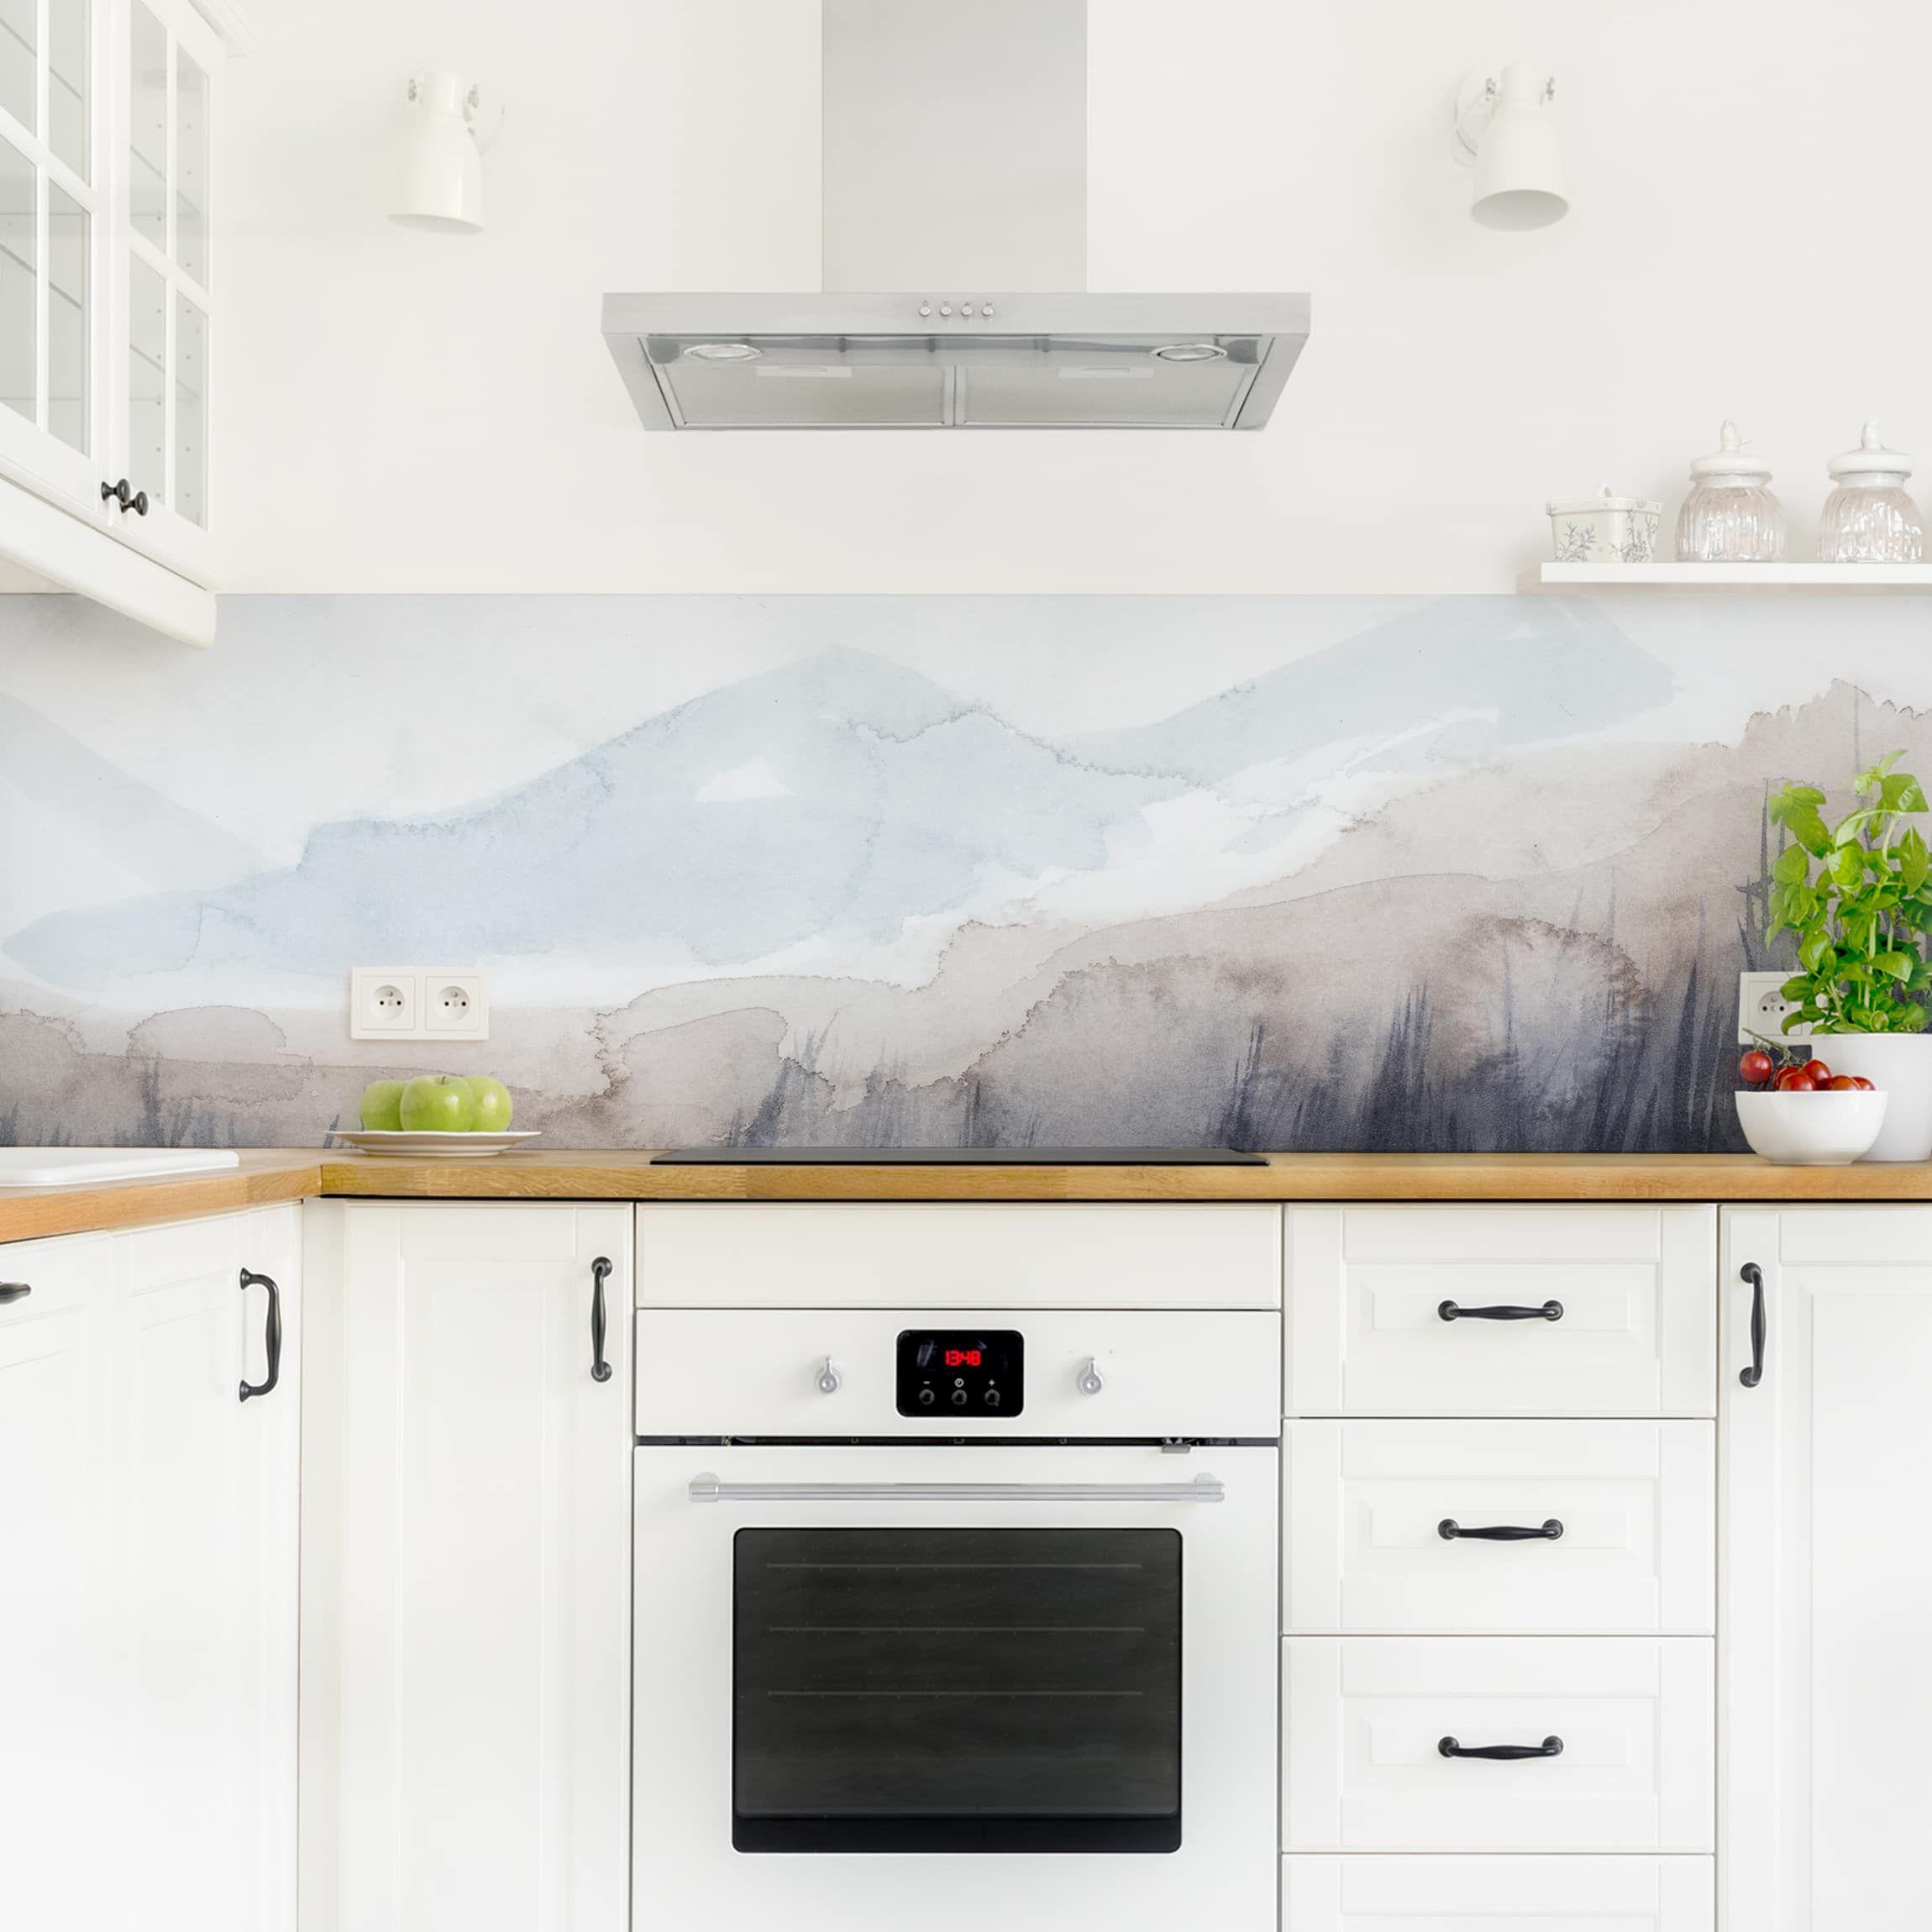 Kuchenruckwand Seeufer Mit Bergen I In 2020 Kuchen Ruckwand